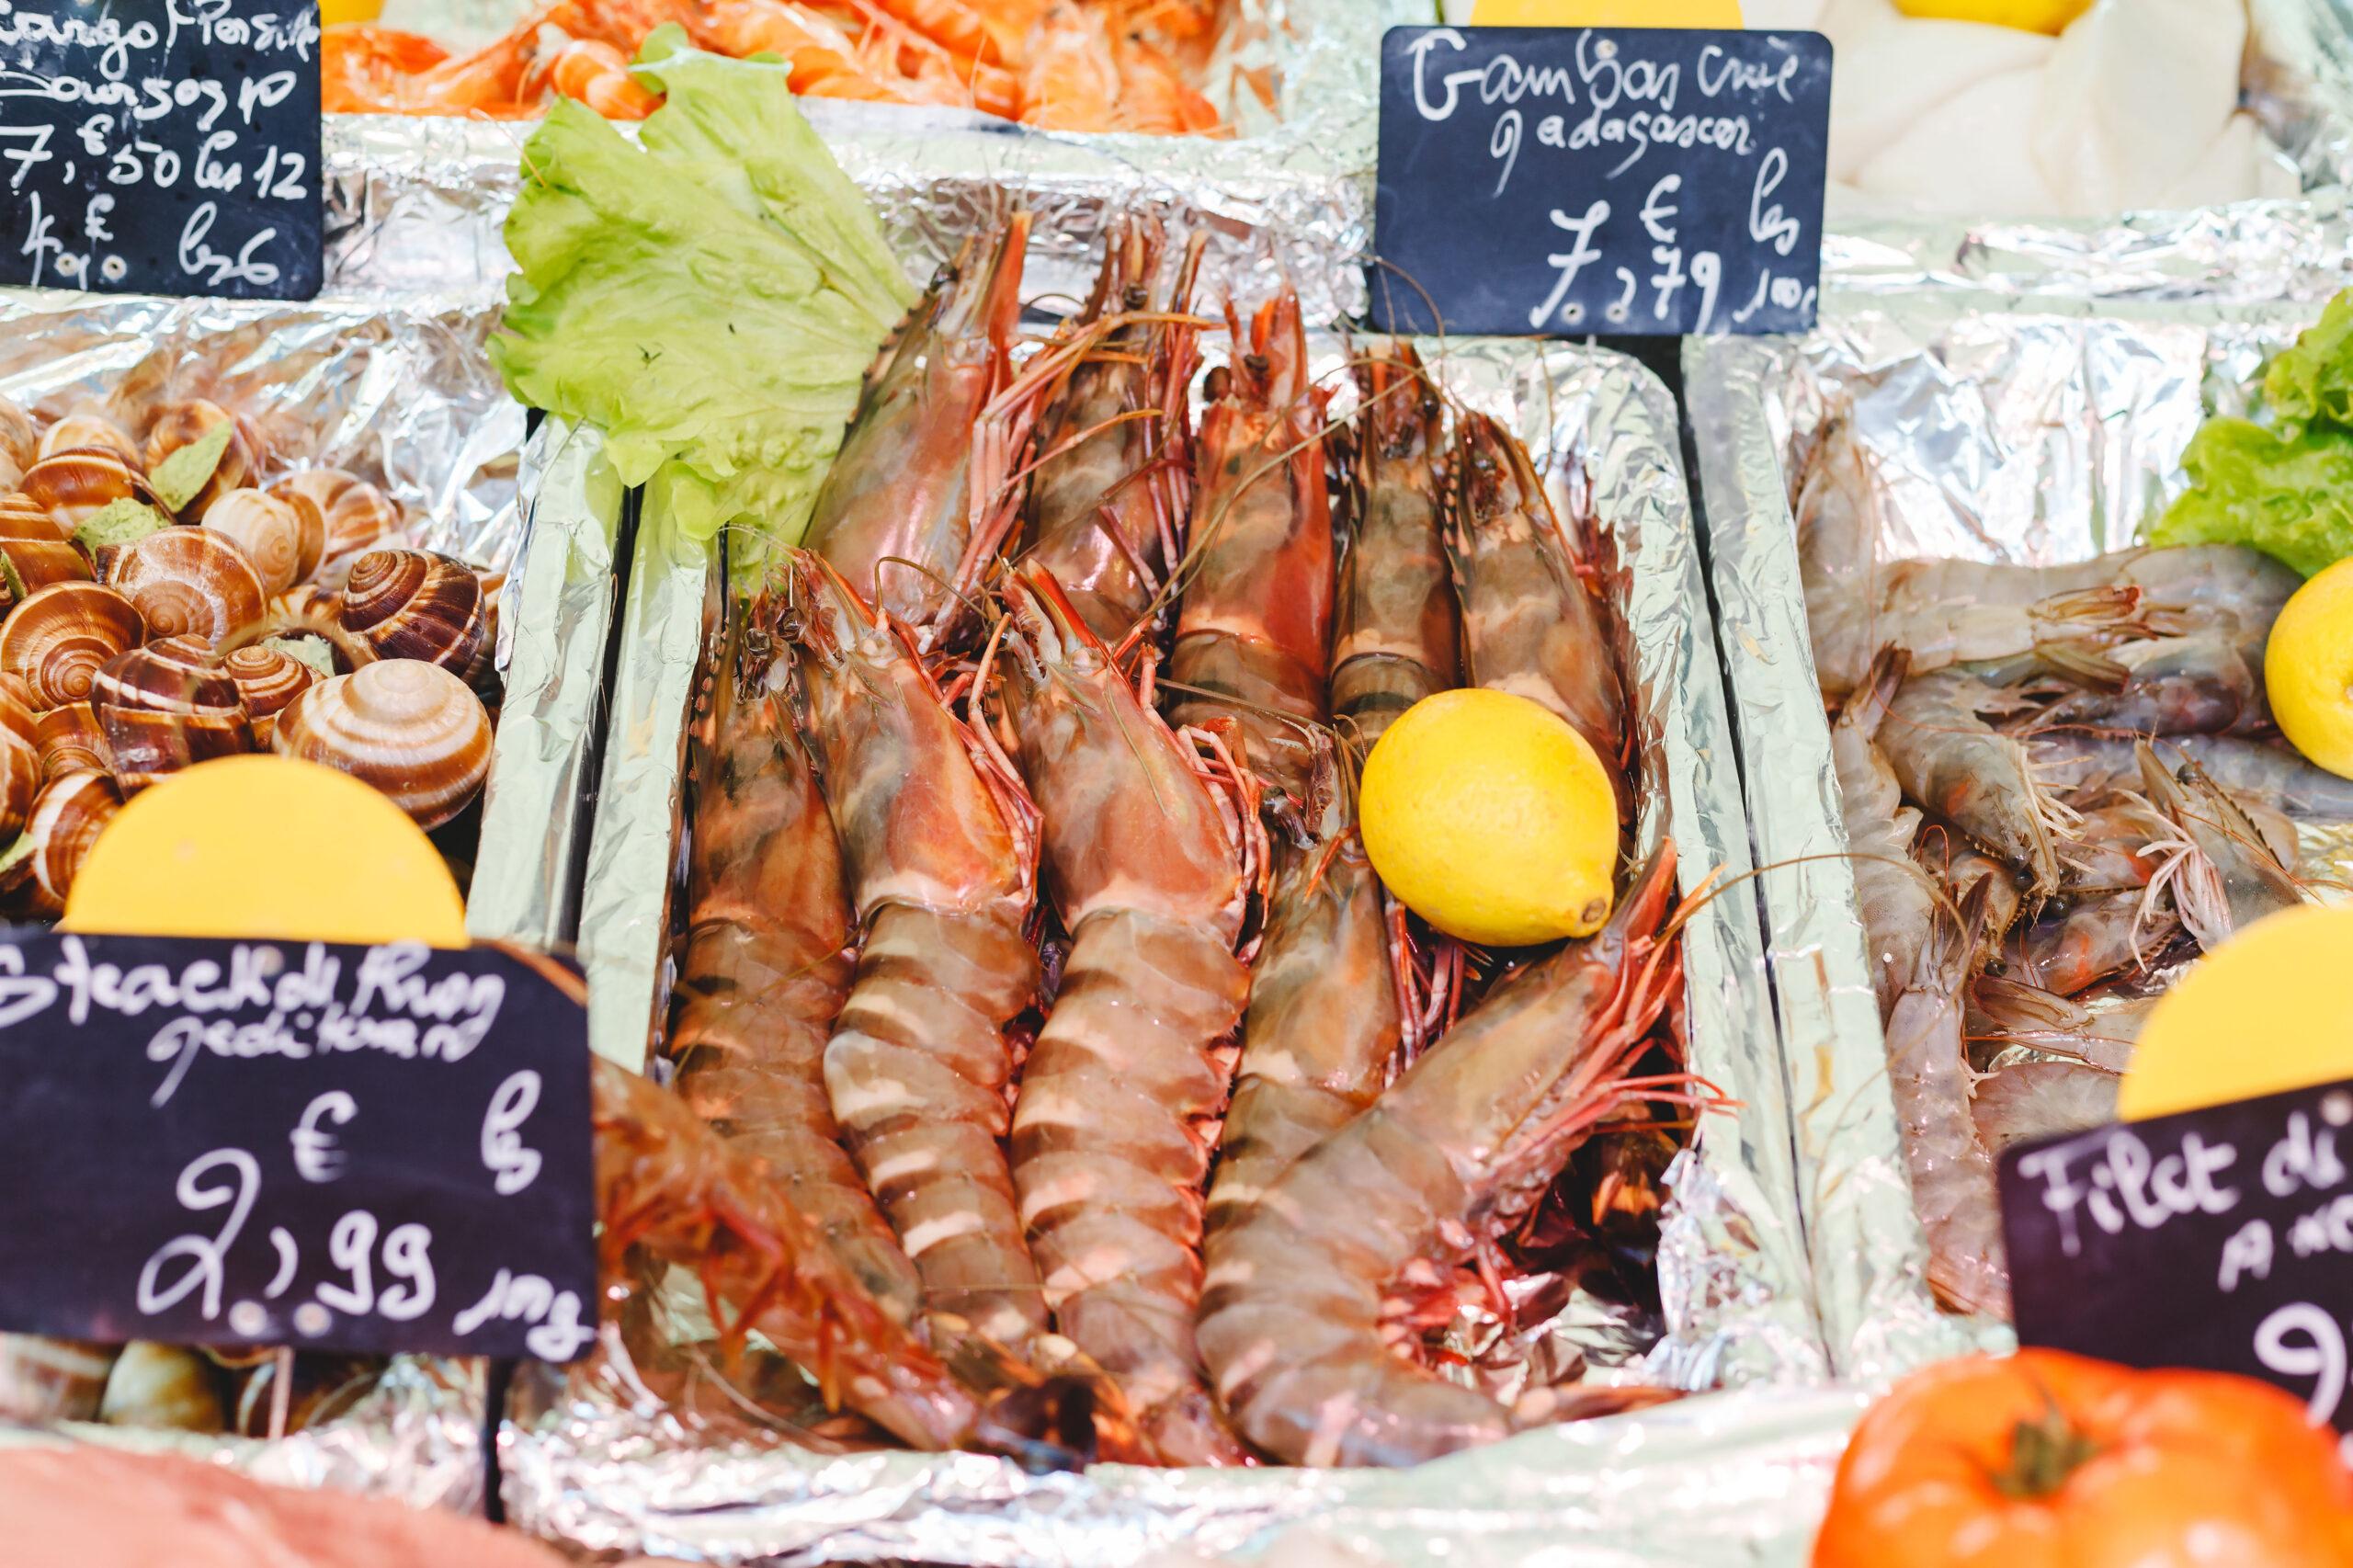 fisk skalldyr sjomat matmarked marked Paris Frankrike